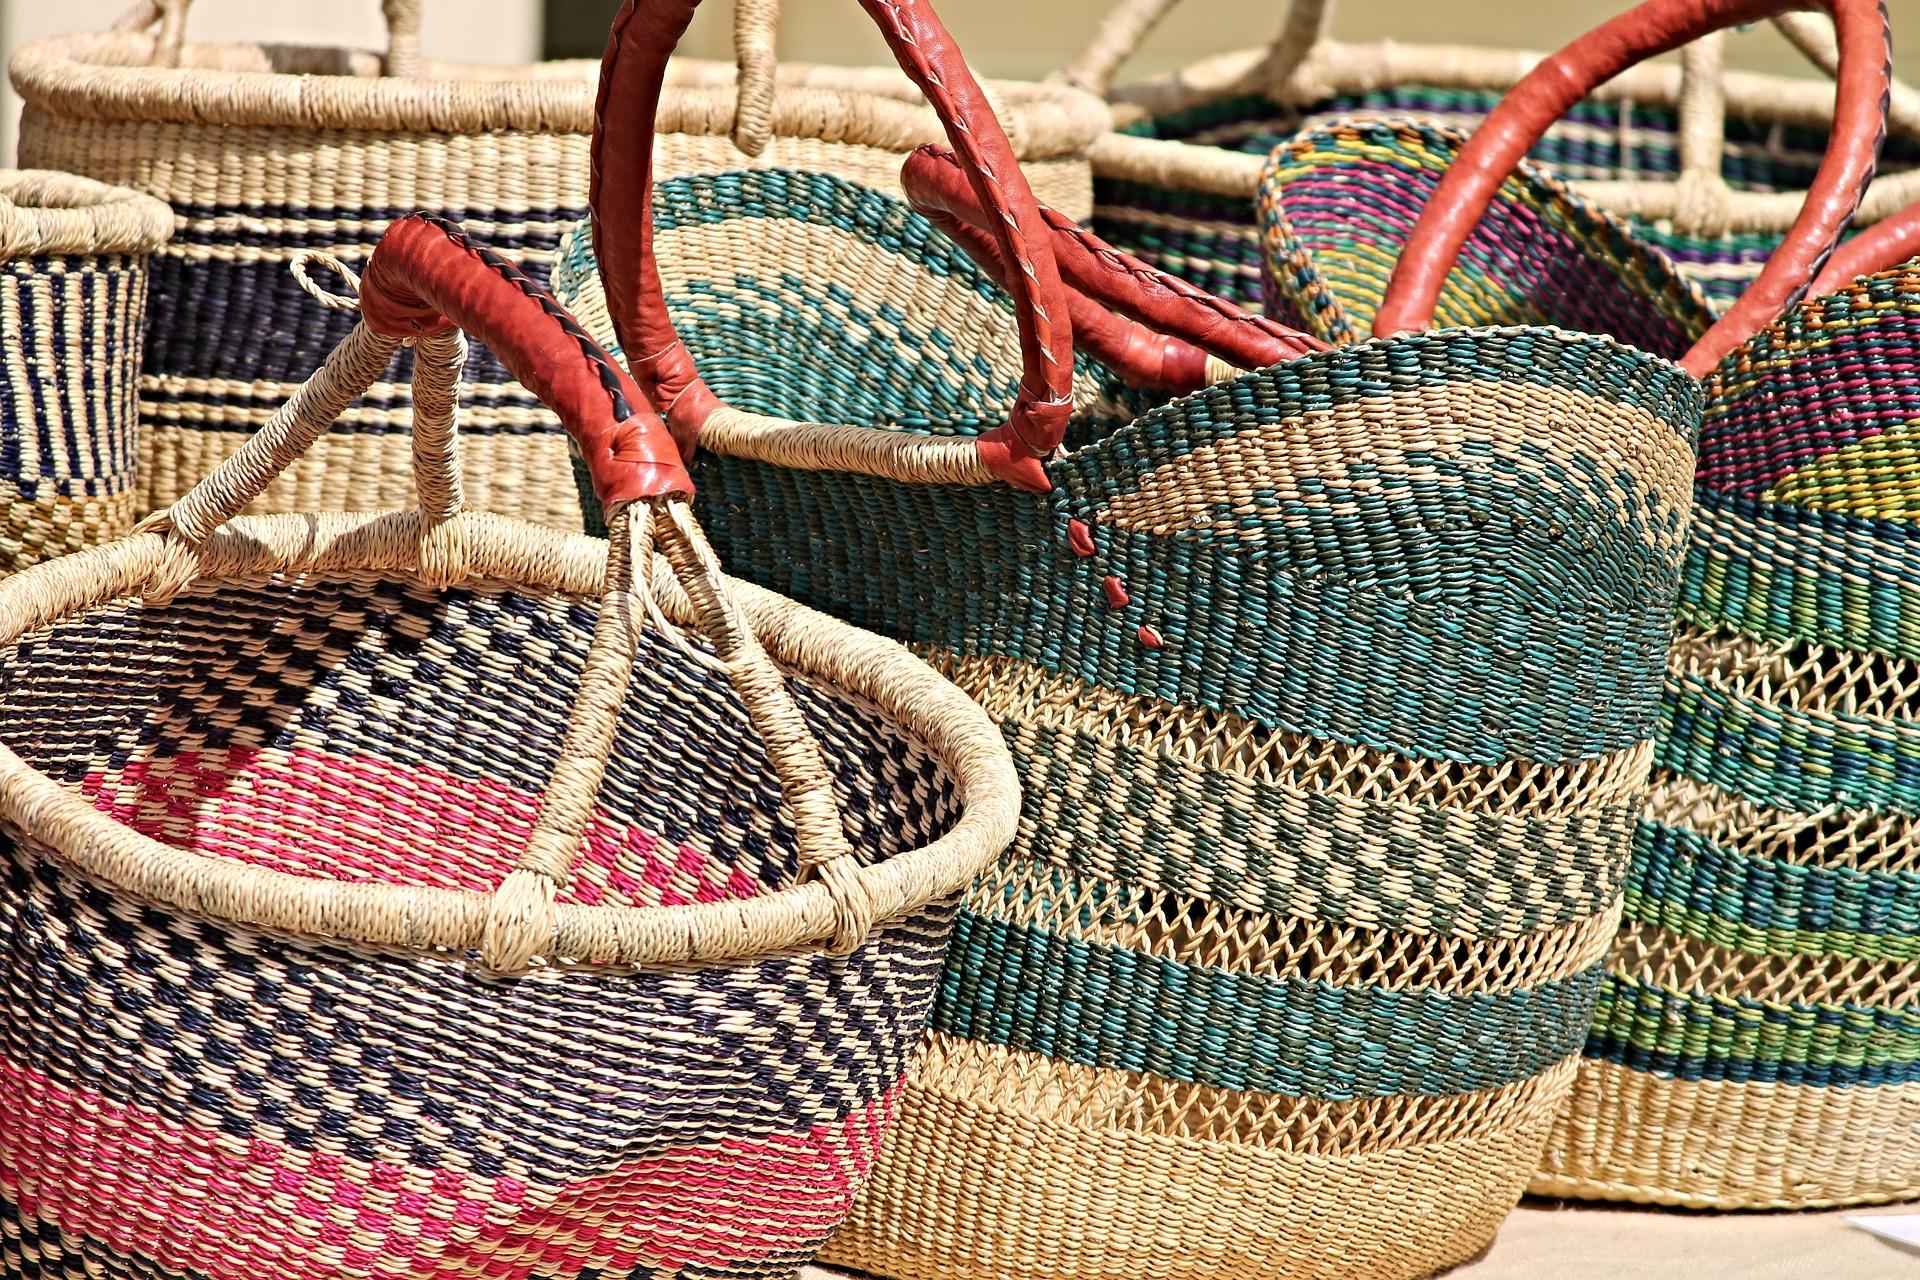 Wicker Weaving Wicker Baskets